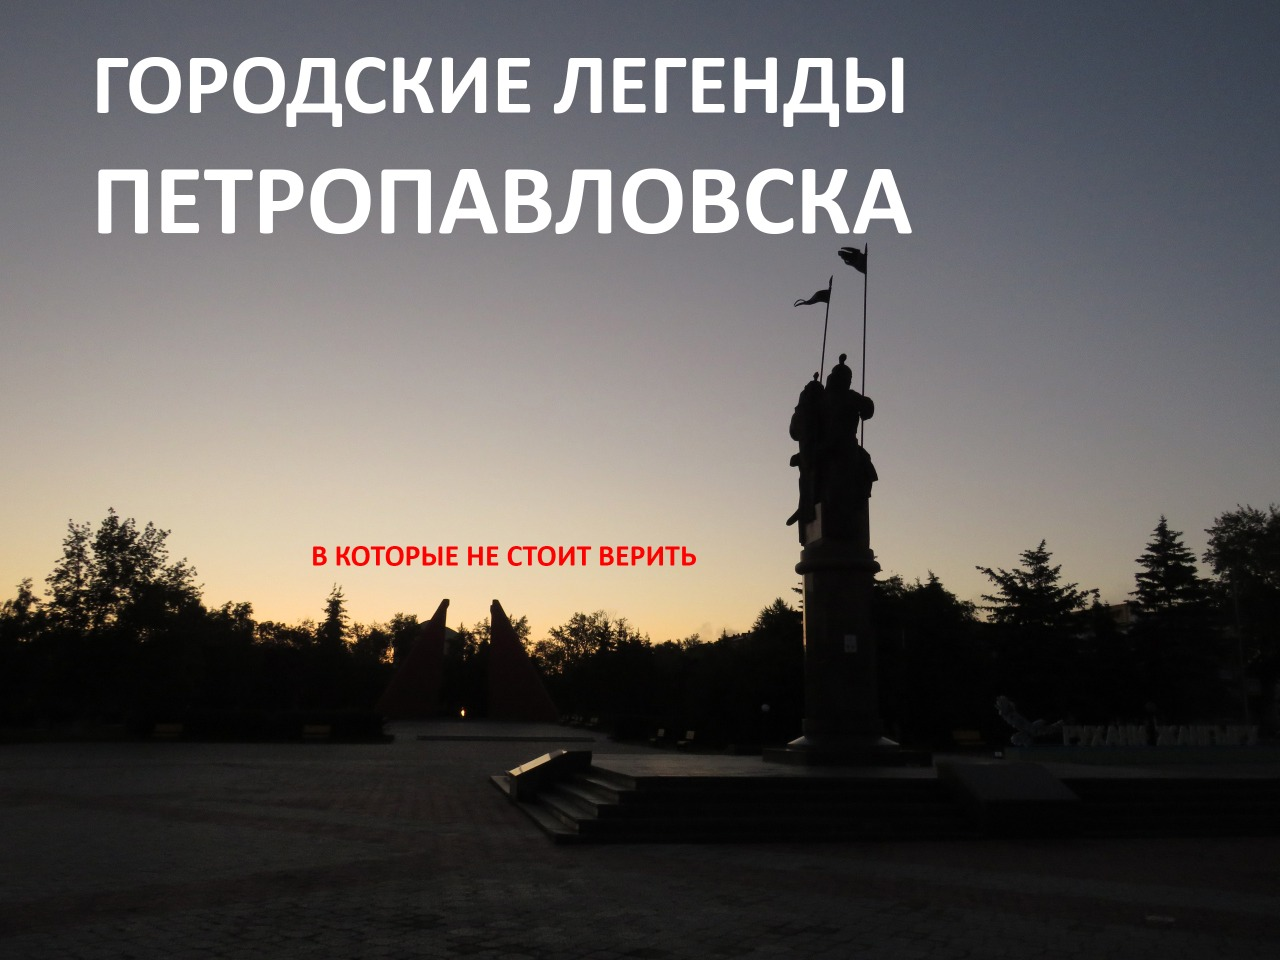 5 мифов о Петропавловске, в которые вы верите зря